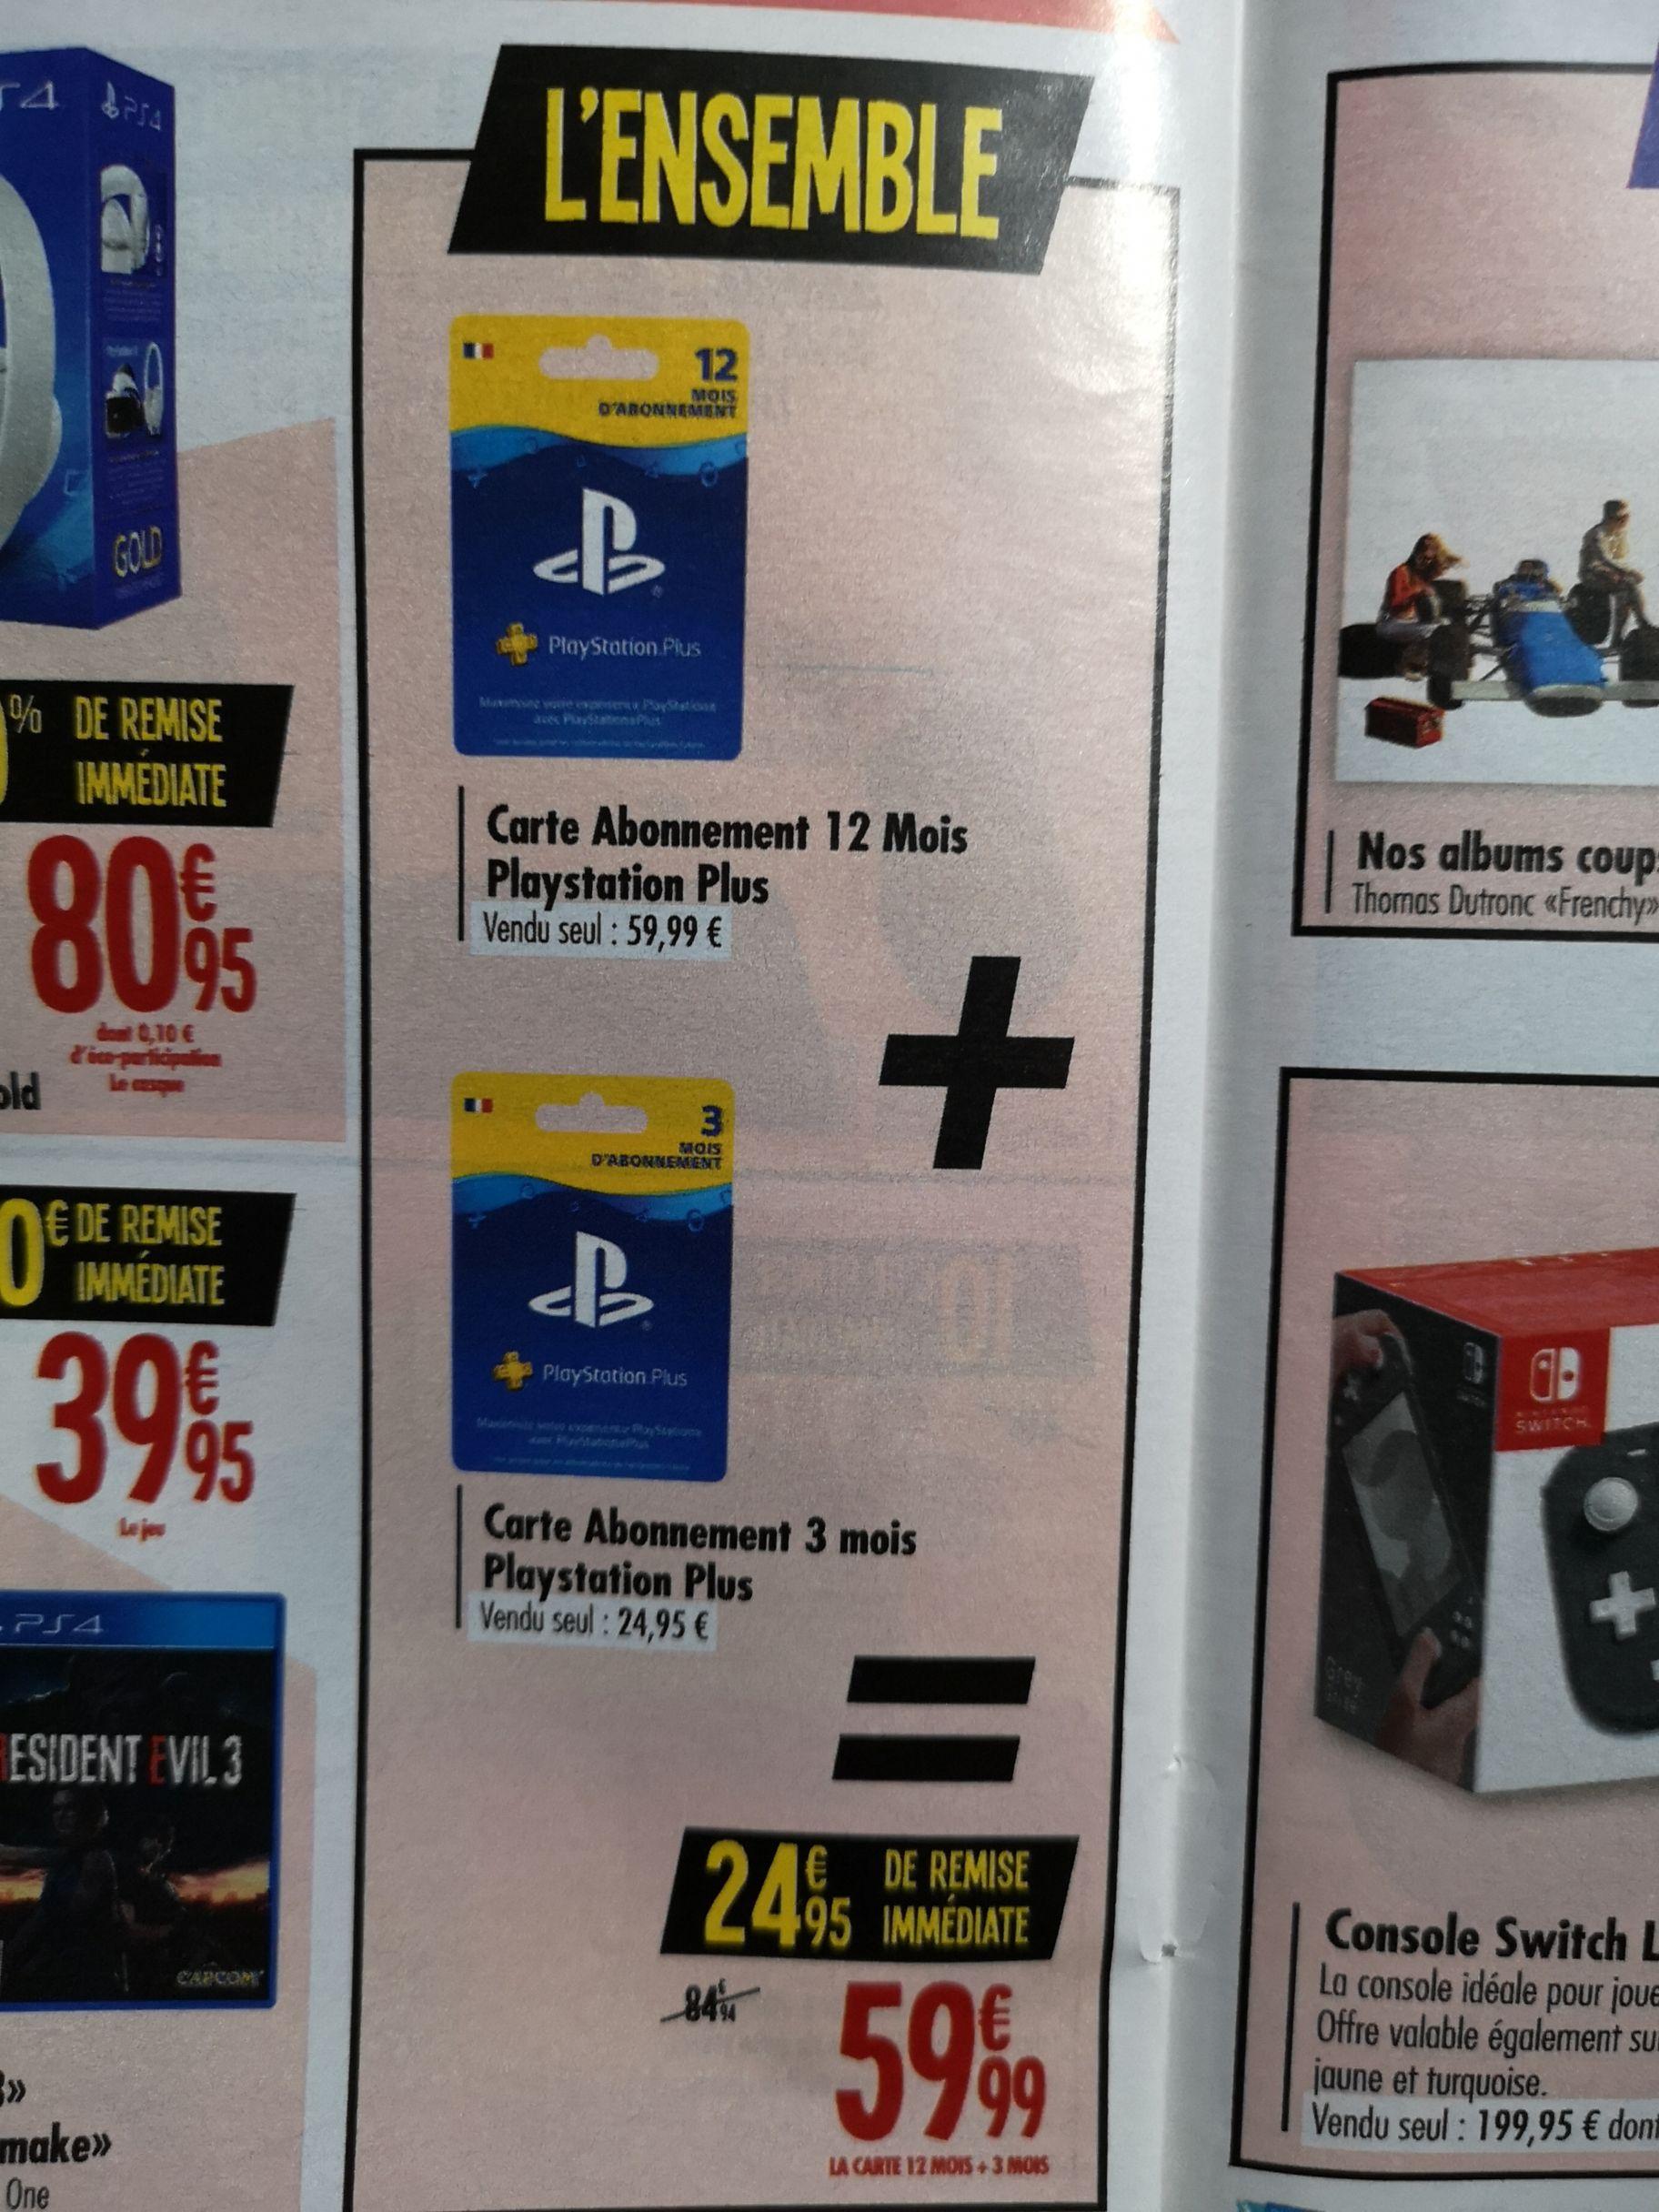 Carte abonnement au Playstation Plus de 12 mois + 3 mois offerts